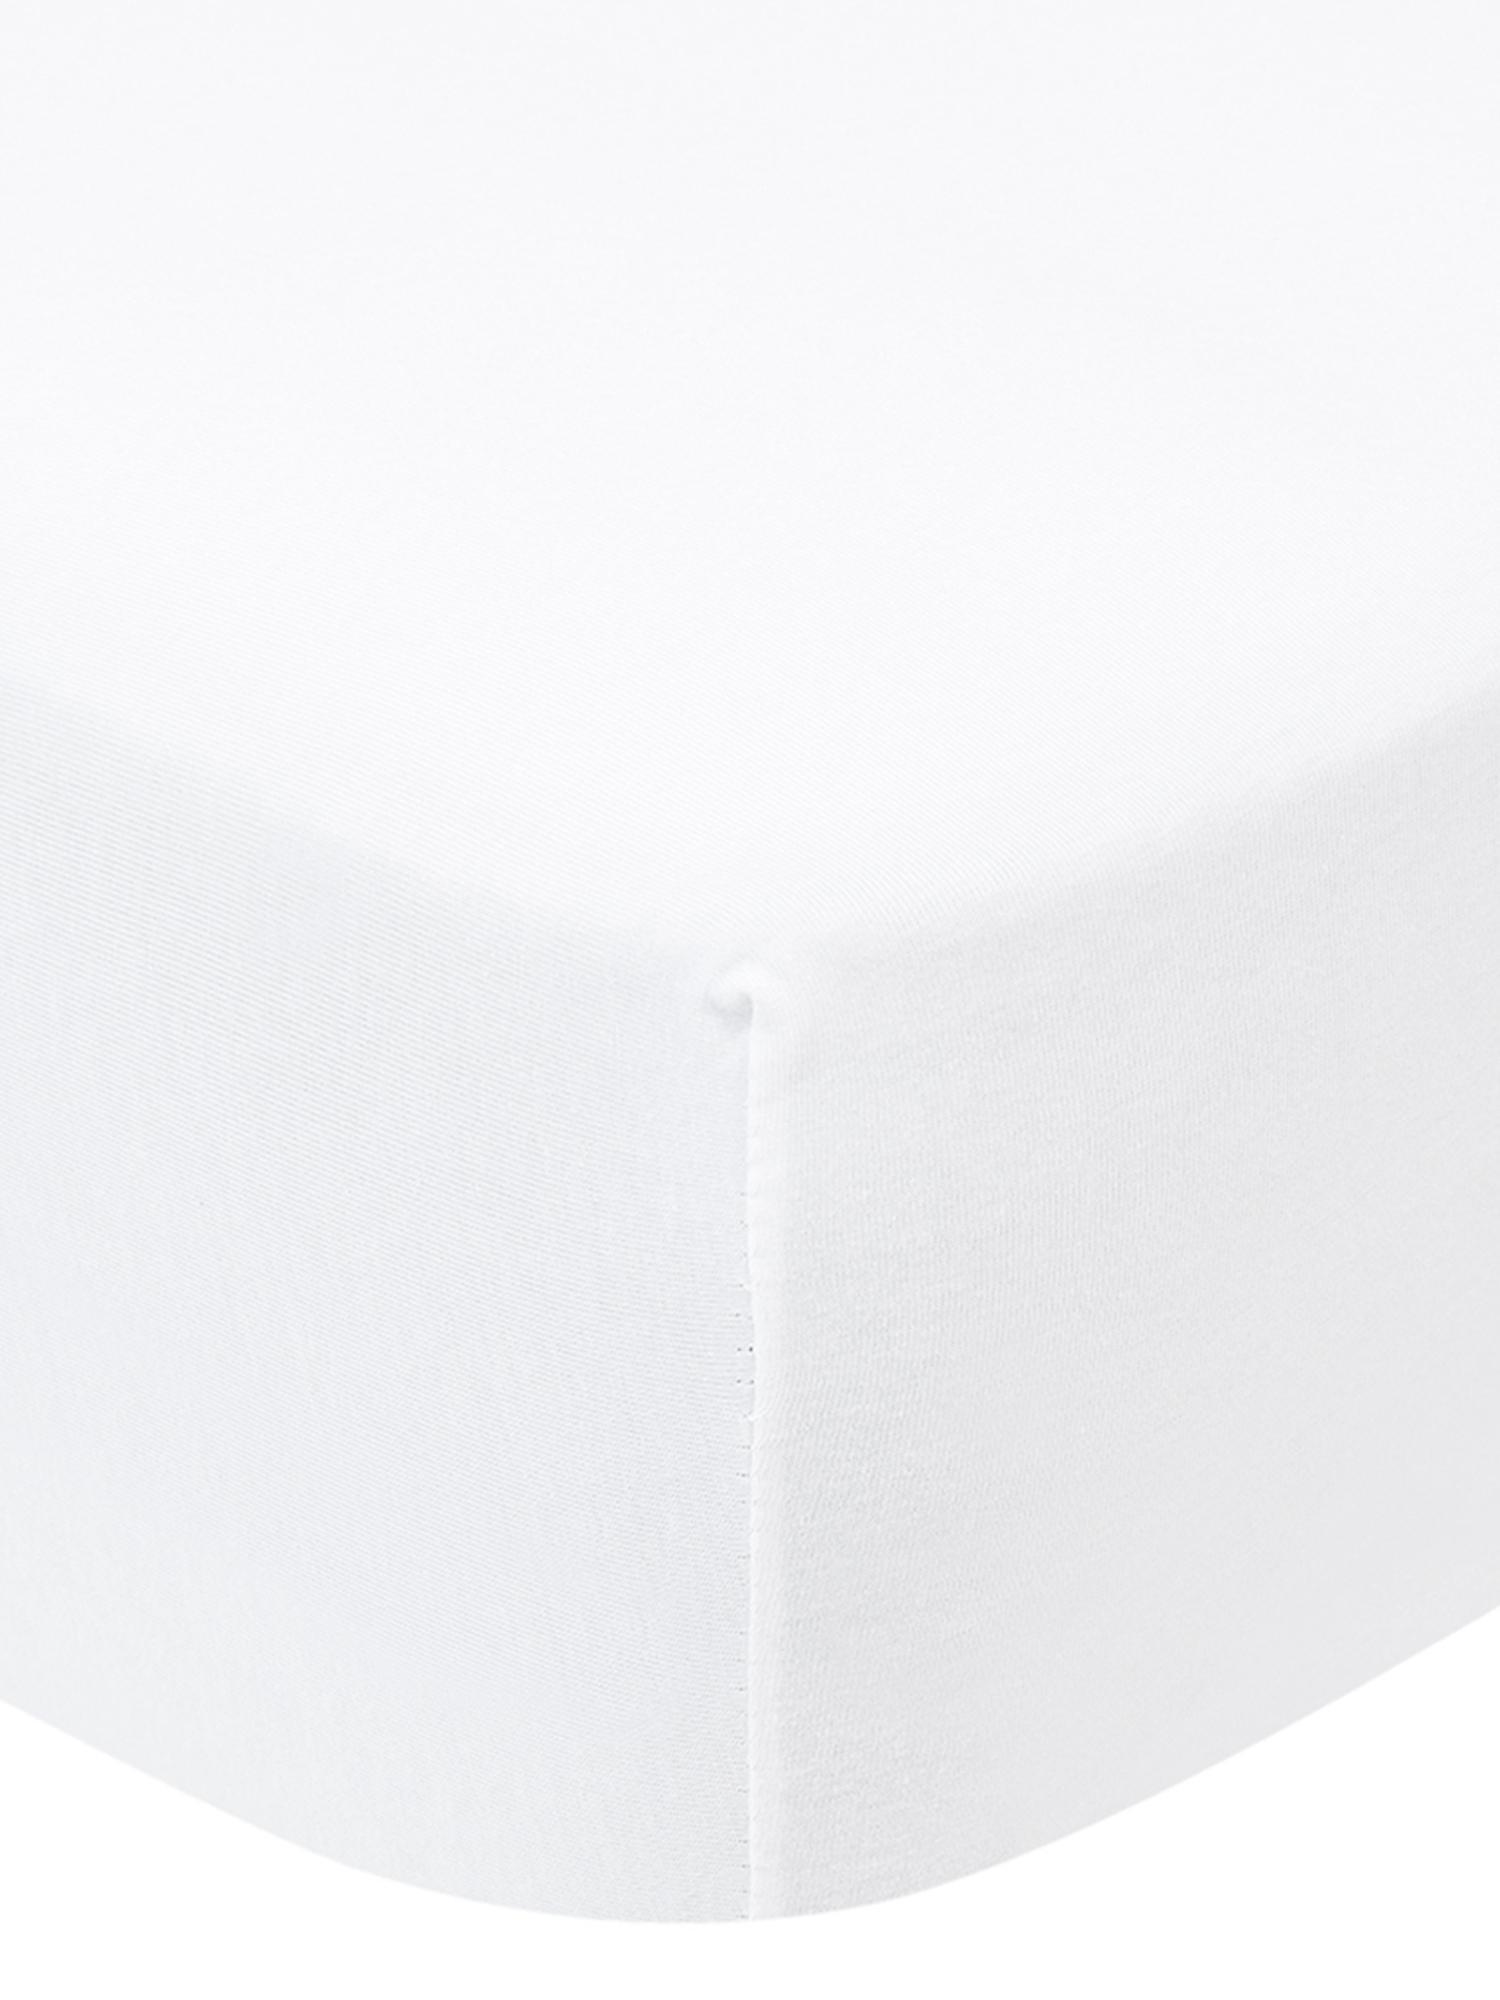 Topper-Spannbettlaken Lara, Jersey-Elasthan, 95% Baumwolle, 5% Elasthan, Weiß, 200 x 200 cm